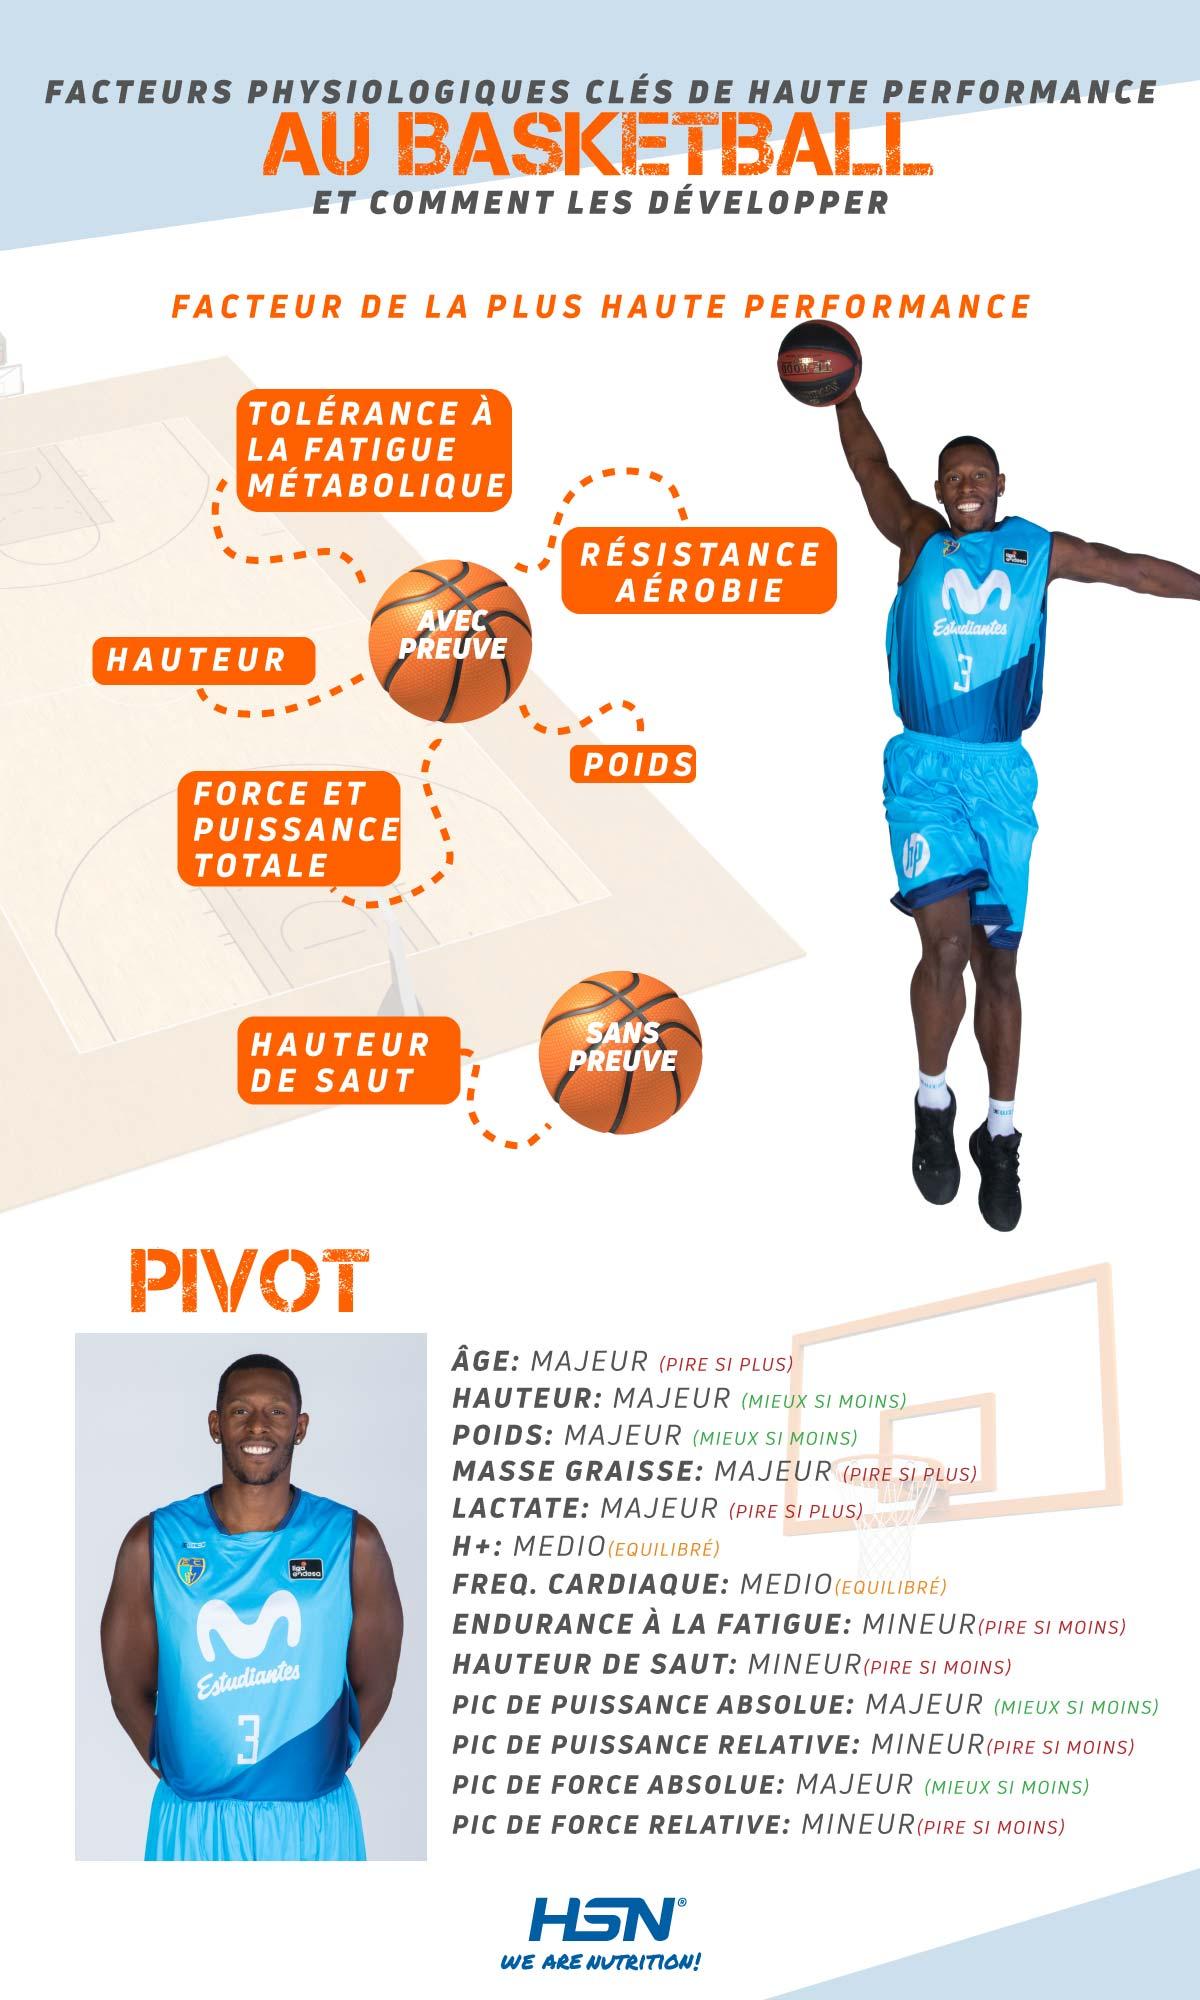 Déterminants physiologiques des pivots de basketball